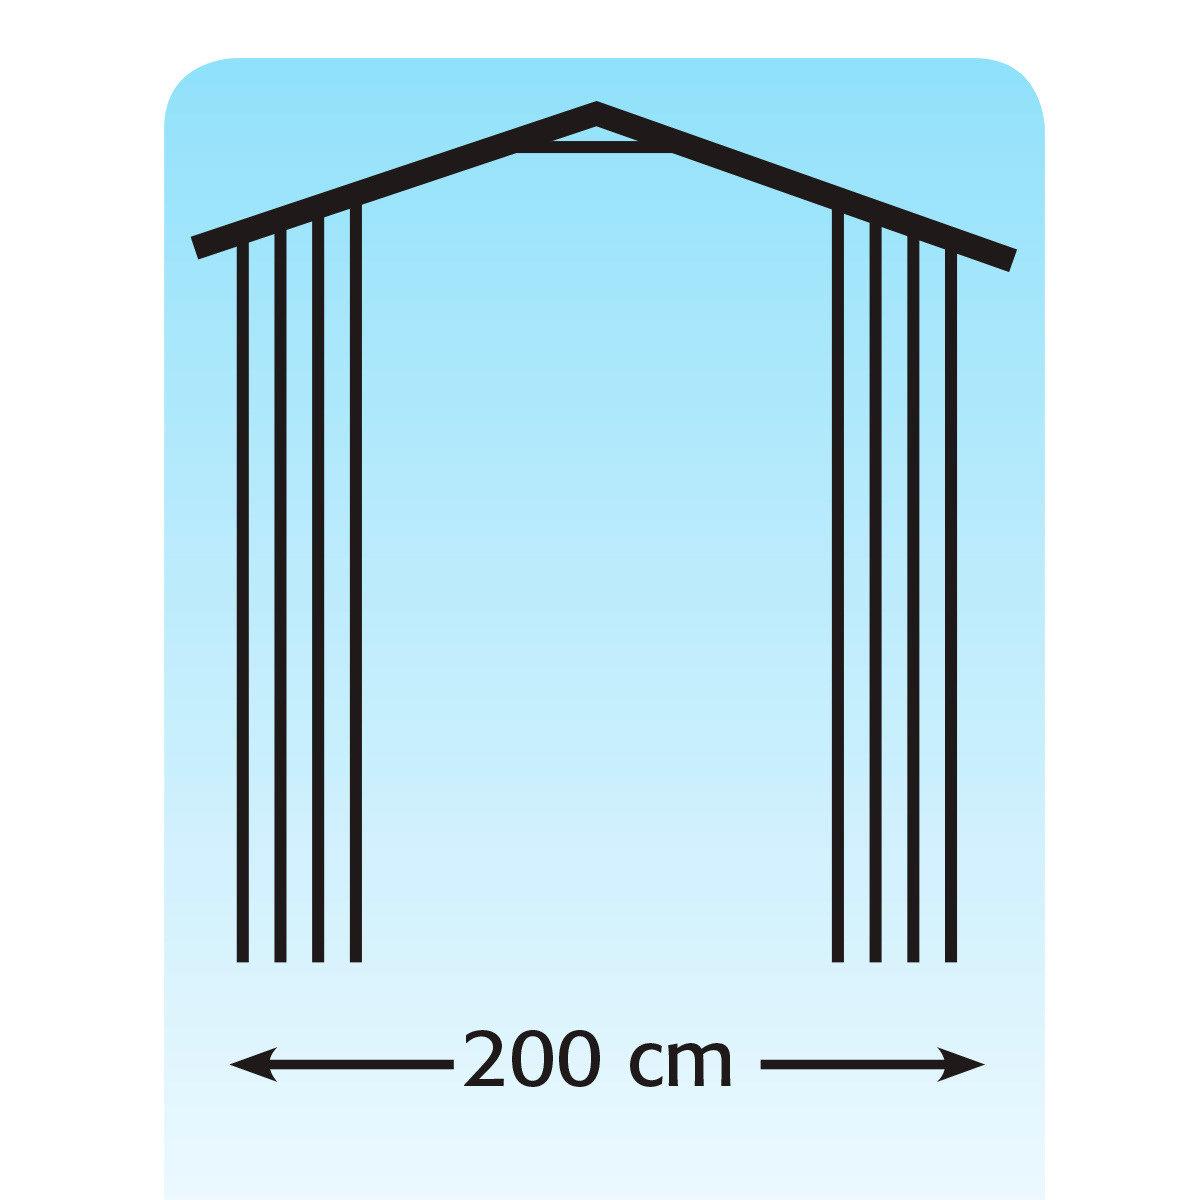 rosenbogen holz durchgangsbreite 200. Black Bedroom Furniture Sets. Home Design Ideas